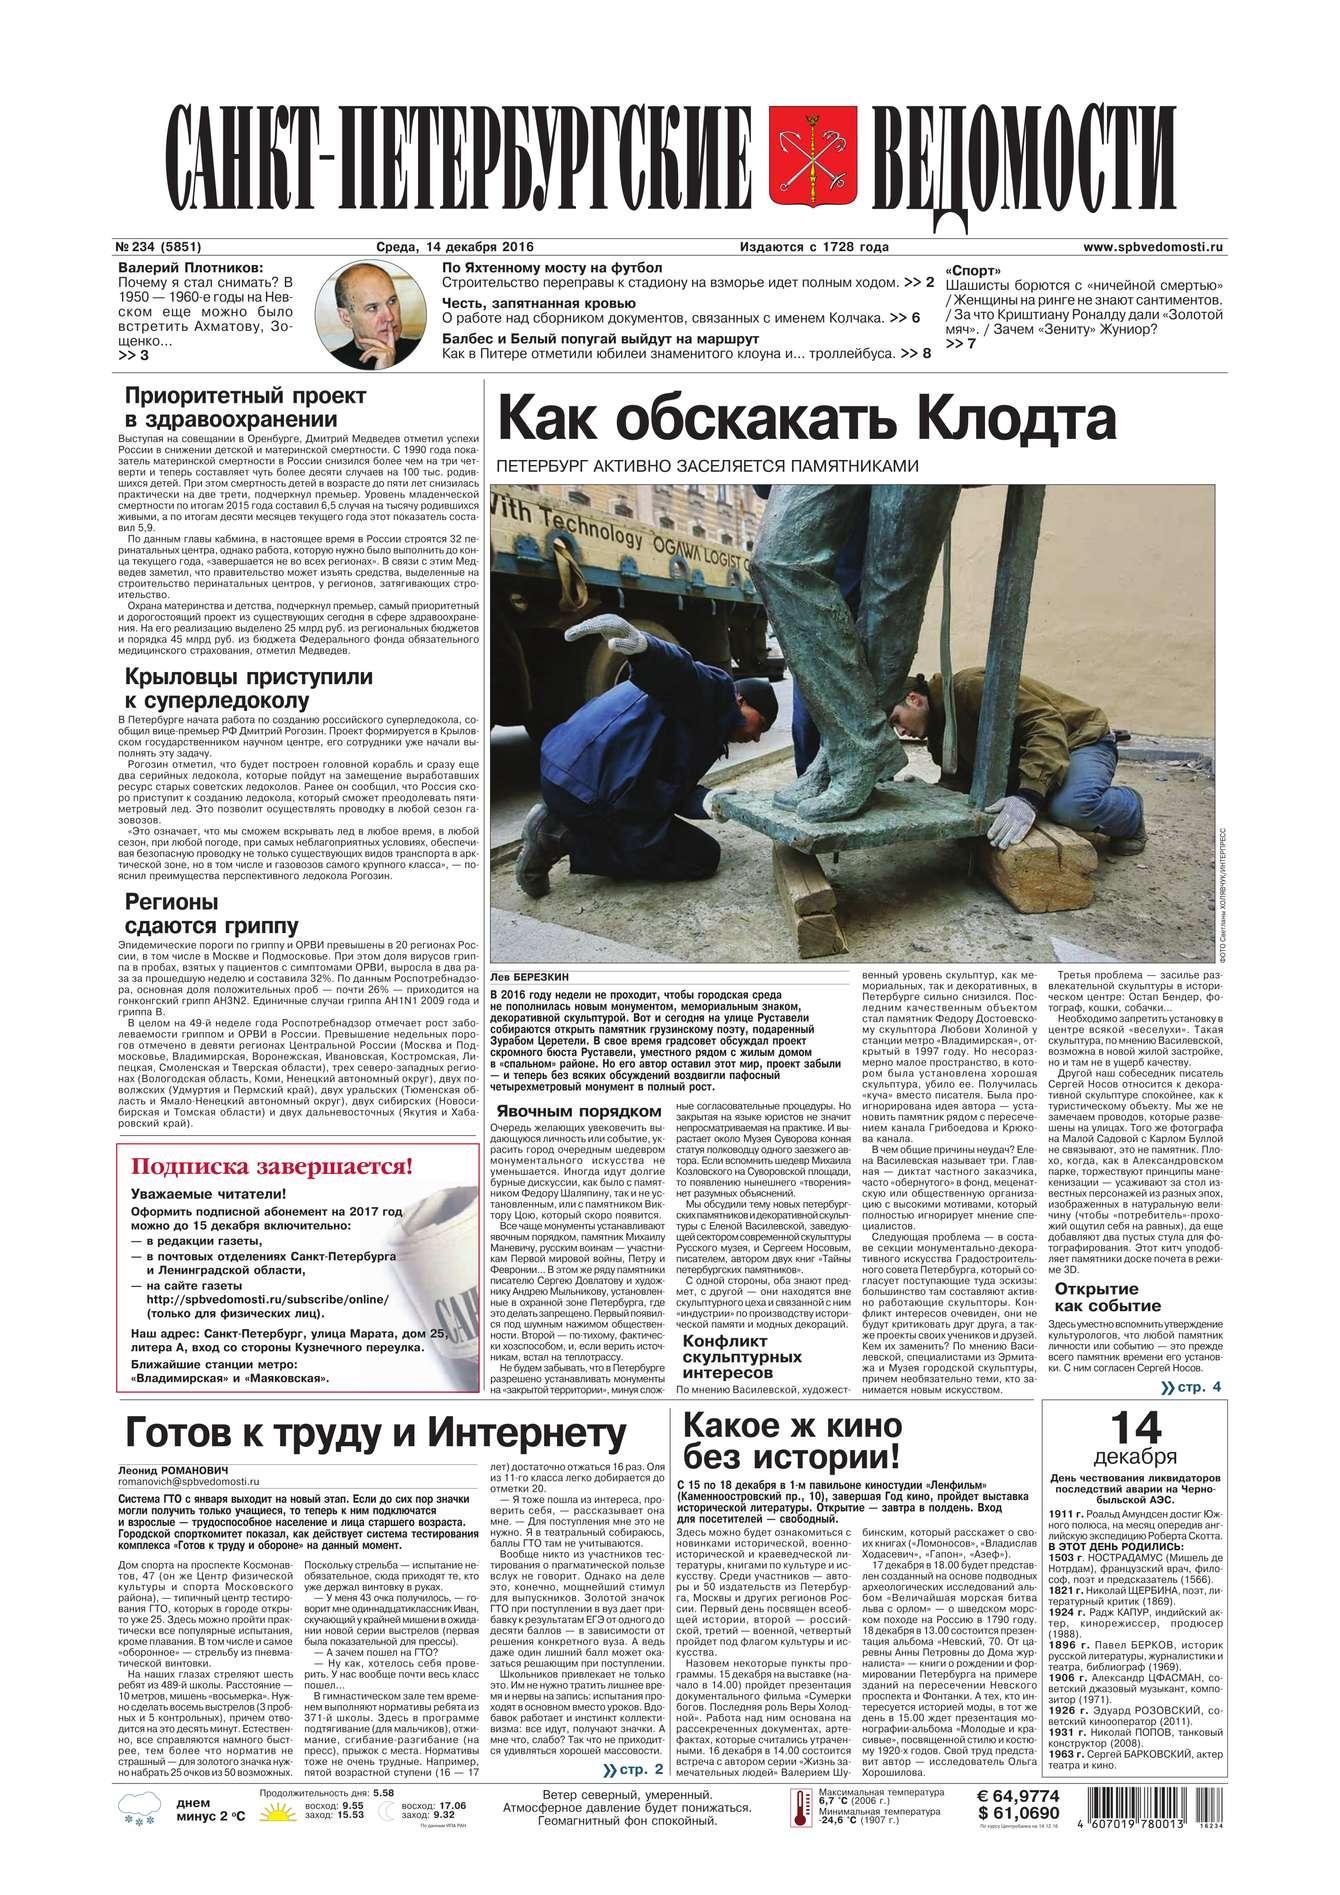 Редакция газеты Санкт-Петербургские ведомости Санкт-Петербургские ведомости 234-2016